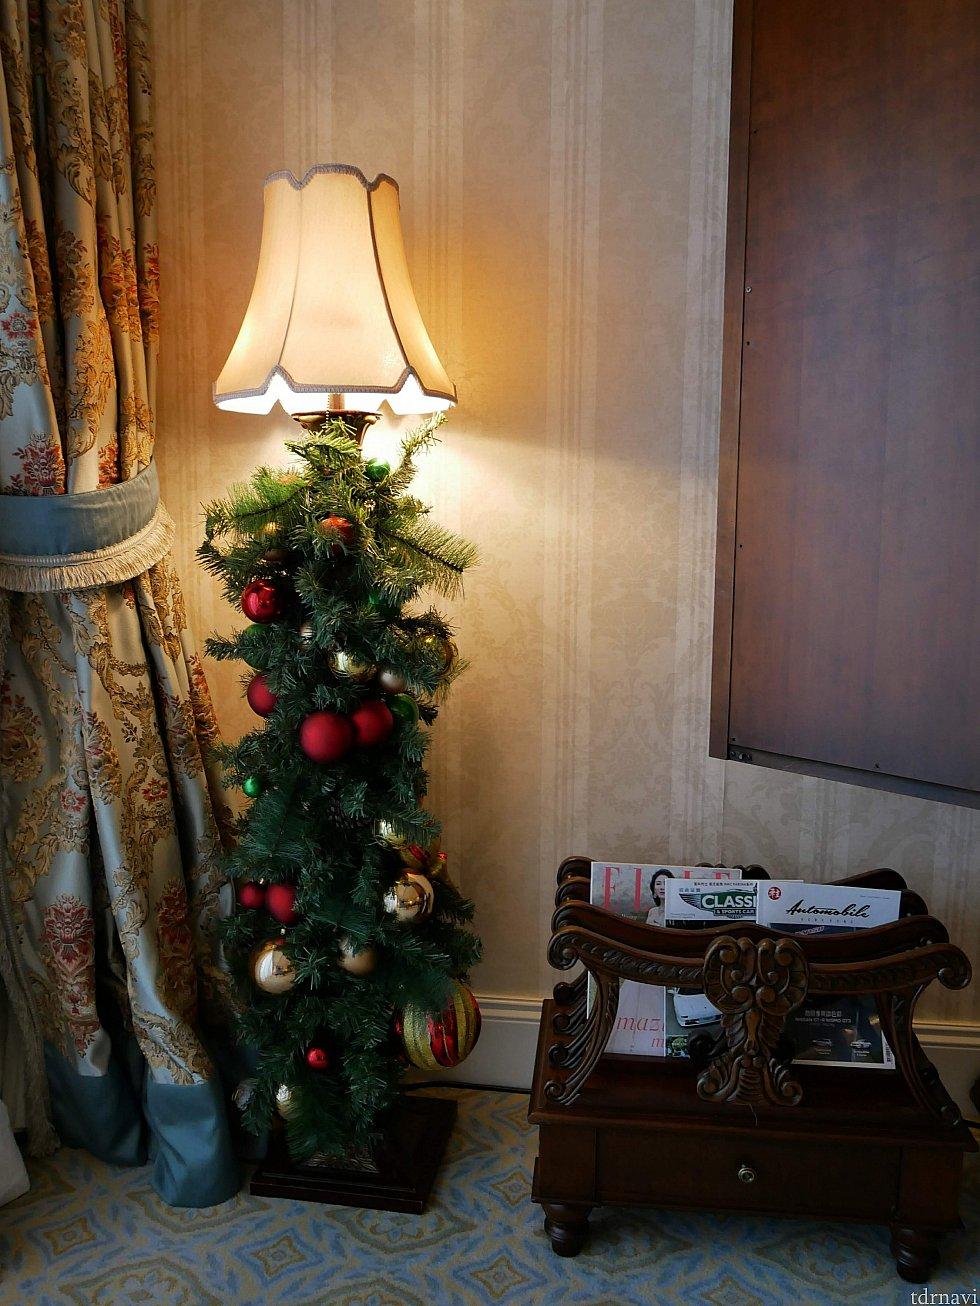 クリスマスツリーとマガジンラック。横の扉はTVです。